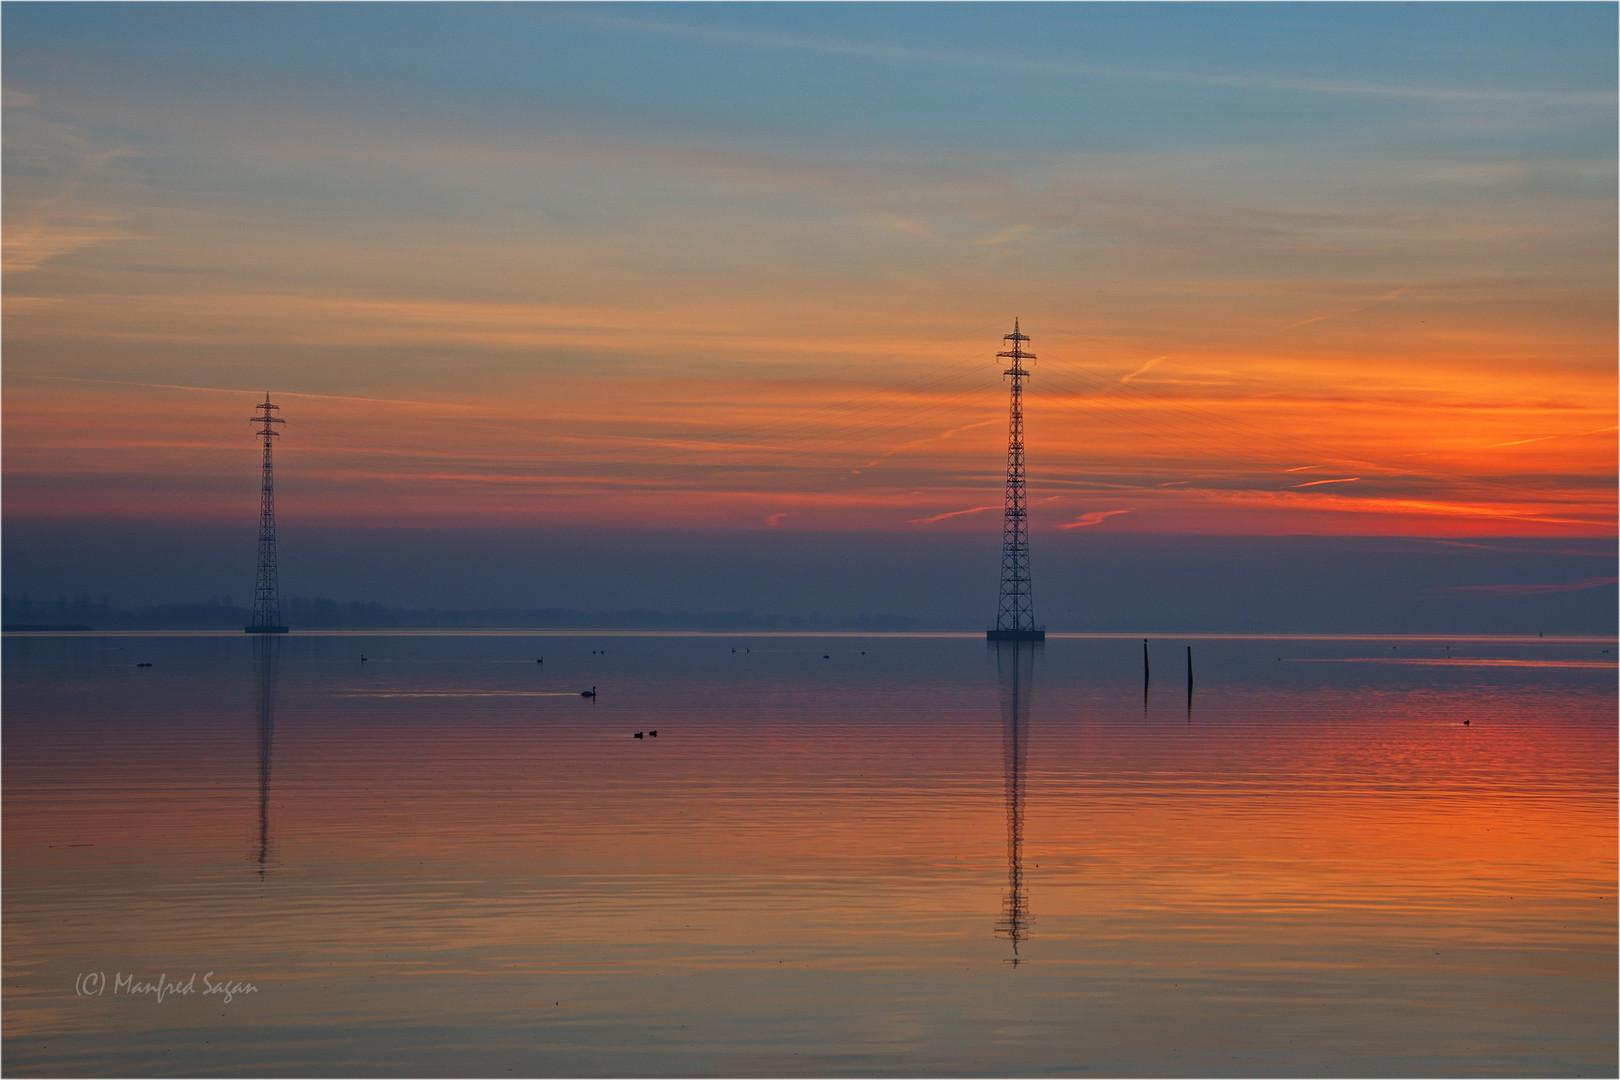 Kurz vor Sonnenaufgang am Strelasund...